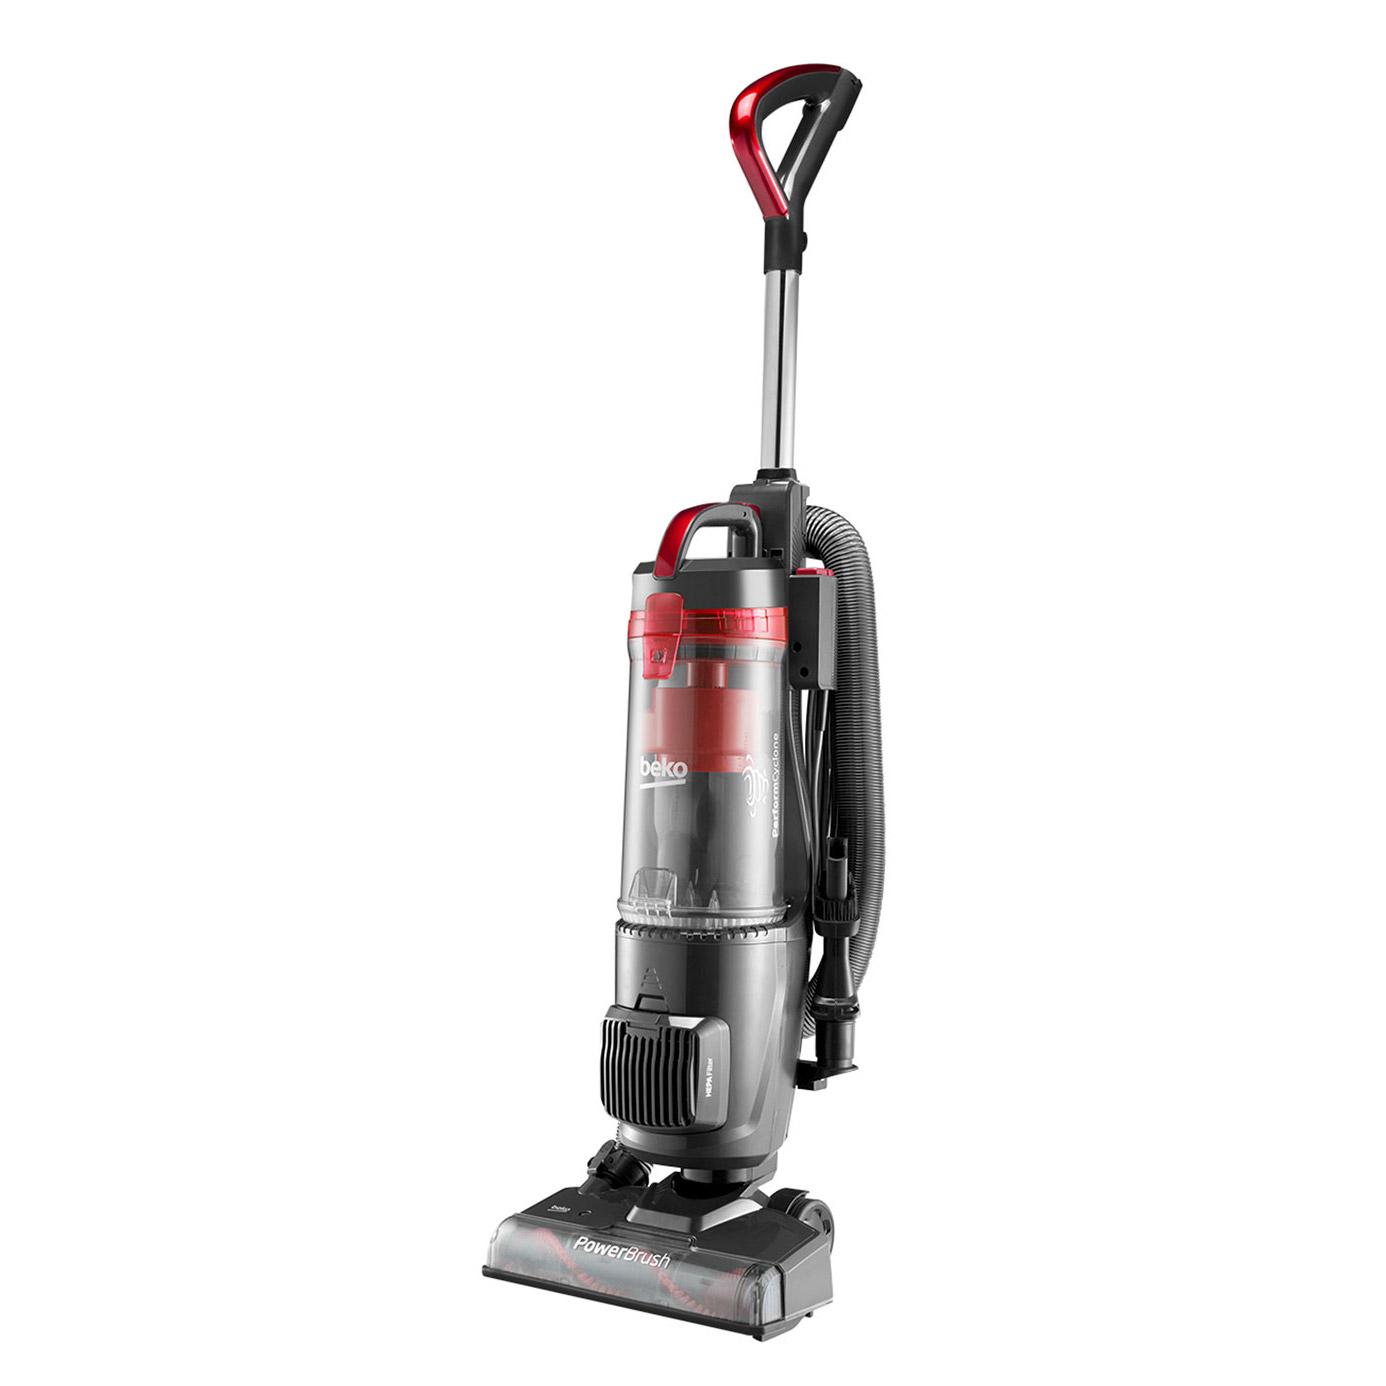 027 Electrolux Vacuum Hover Vac Manuals